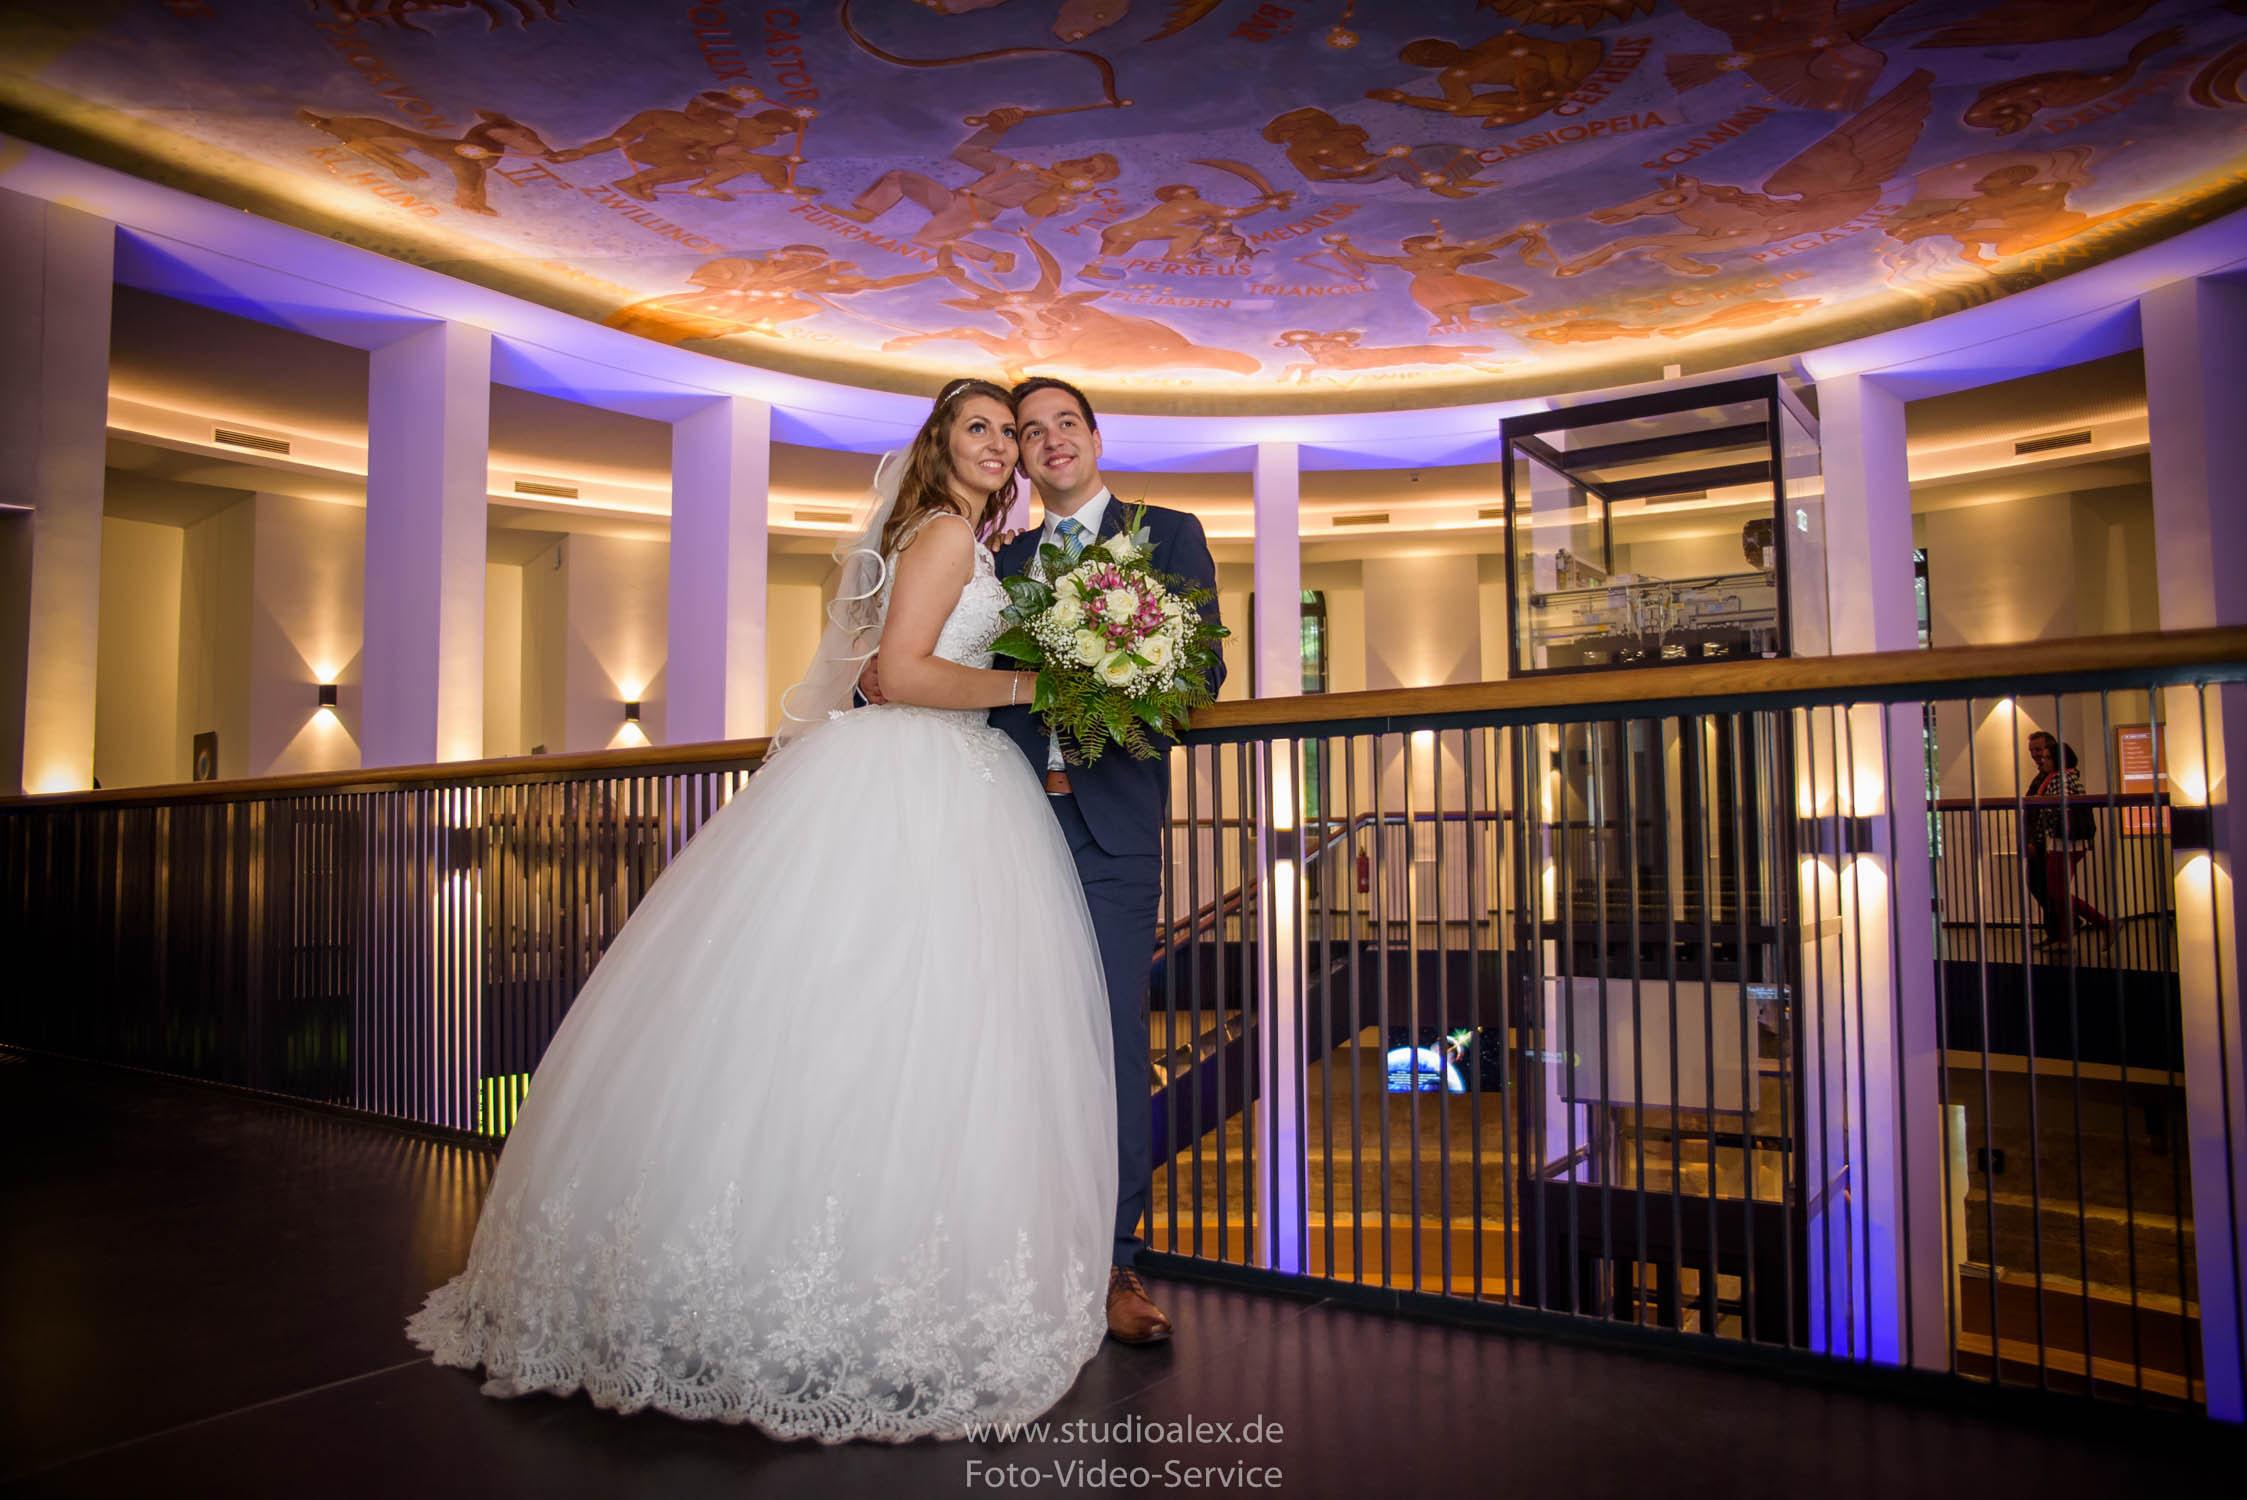 Hochzeitsfotografie & Hochzeitsvideo in Hamburg - Studio Alex